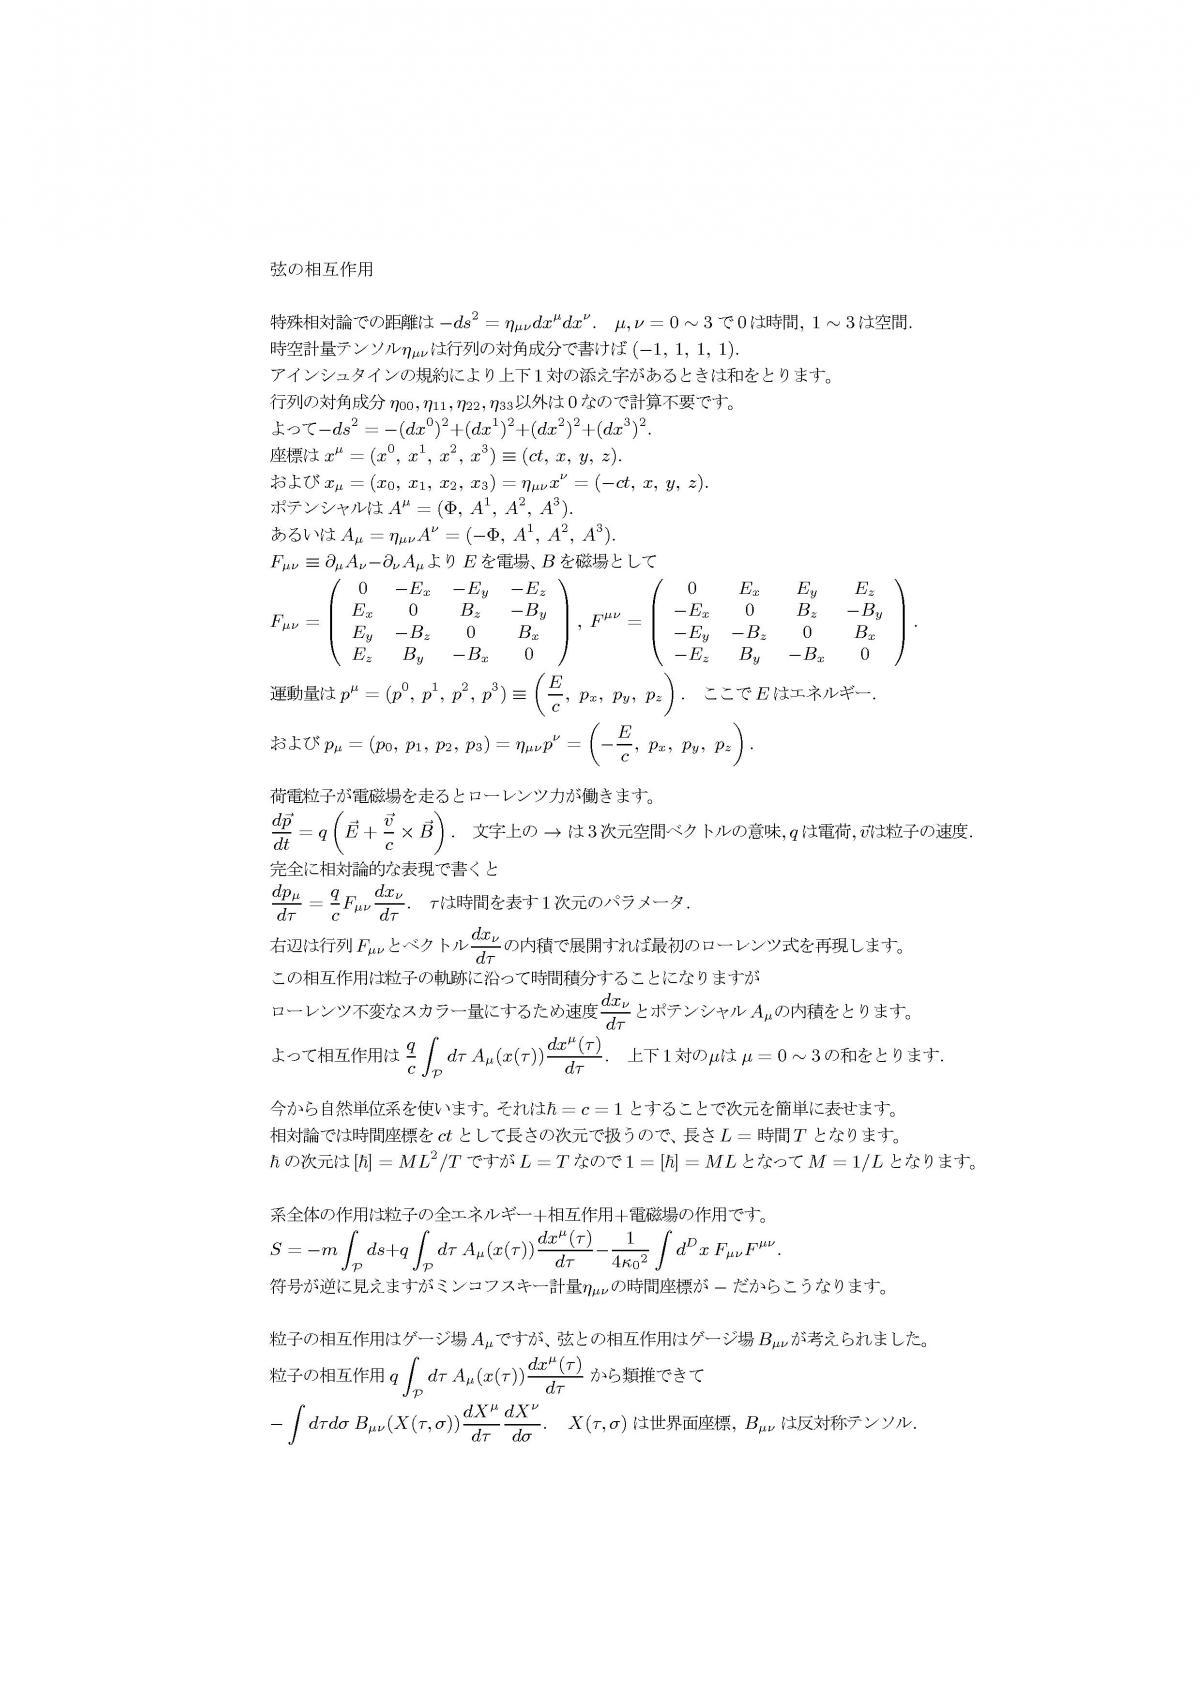 pgen62.jpg